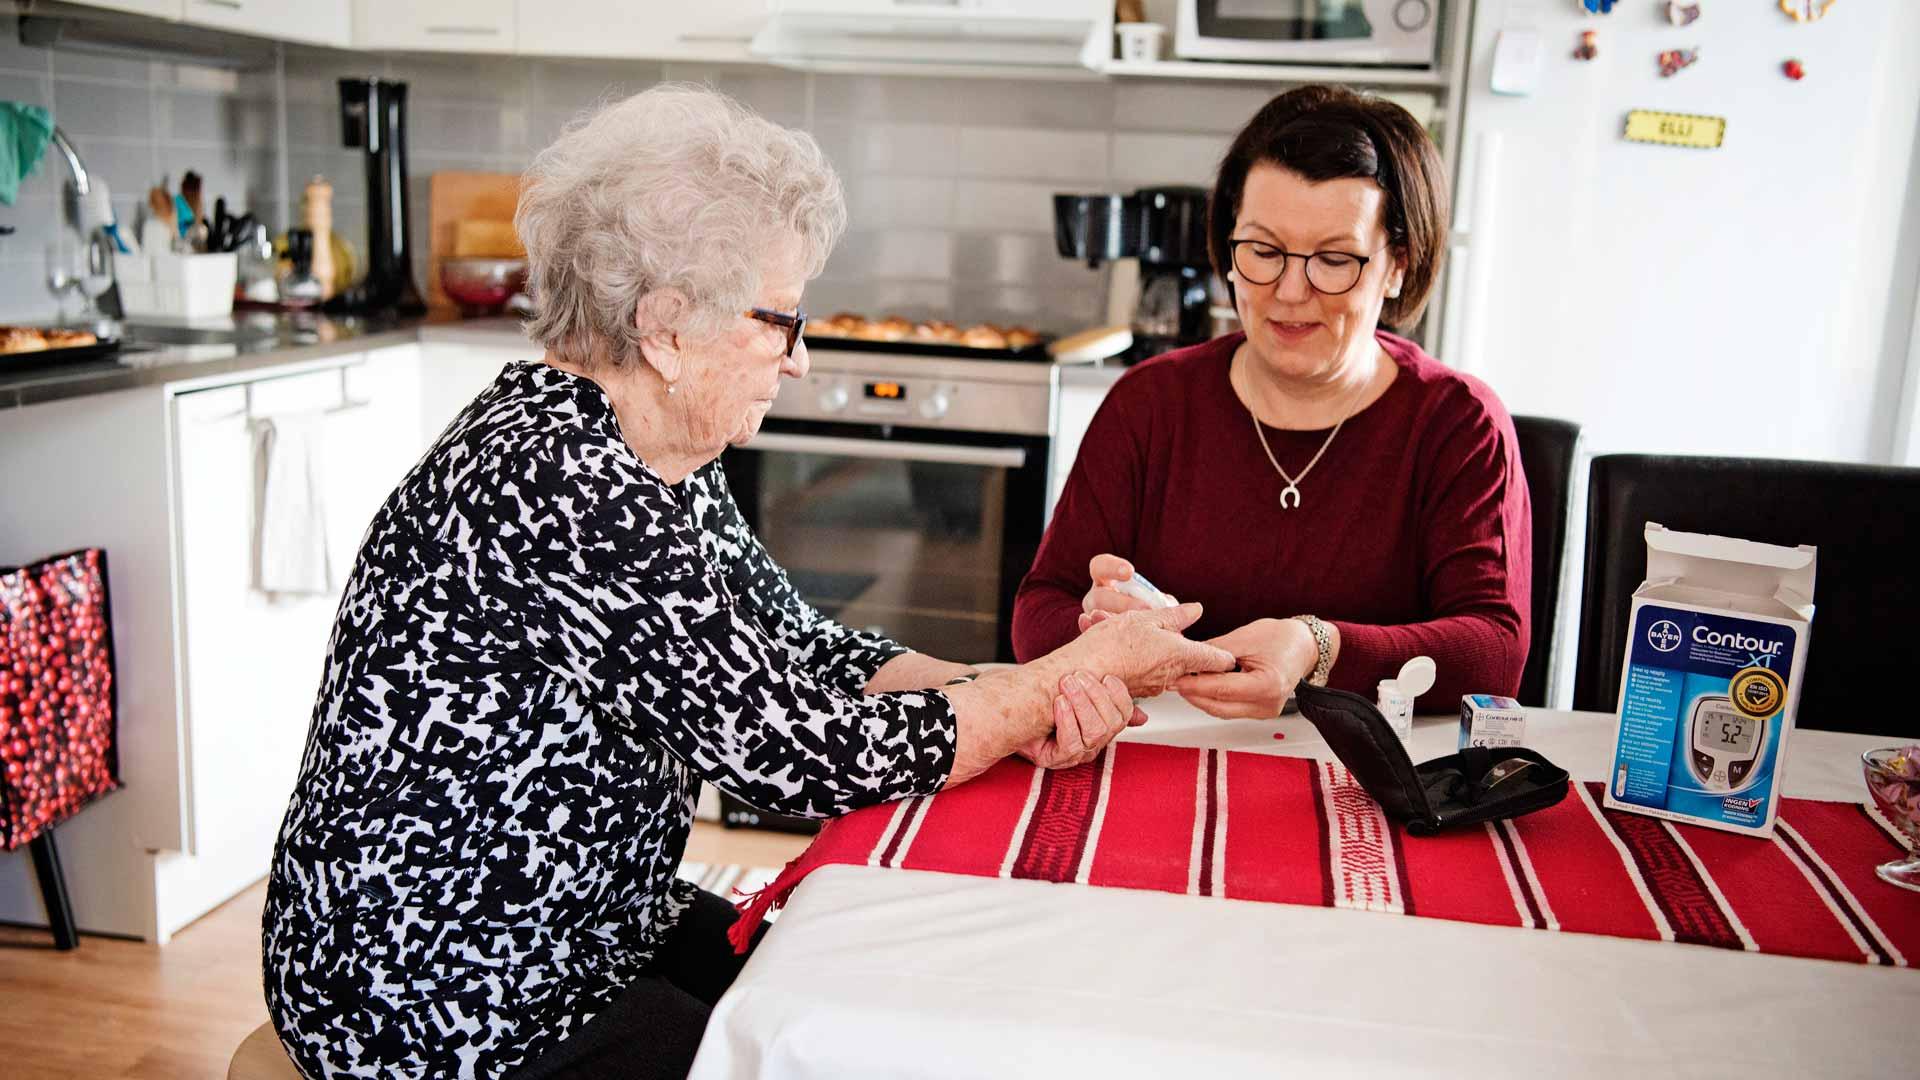 Jaana-tytär mittaa silloin tällöin Ellin sokeriarvot ja verenpaineen. Jaana on äitinsä lääkevastaava ja Nina-sisko talousvastaava.